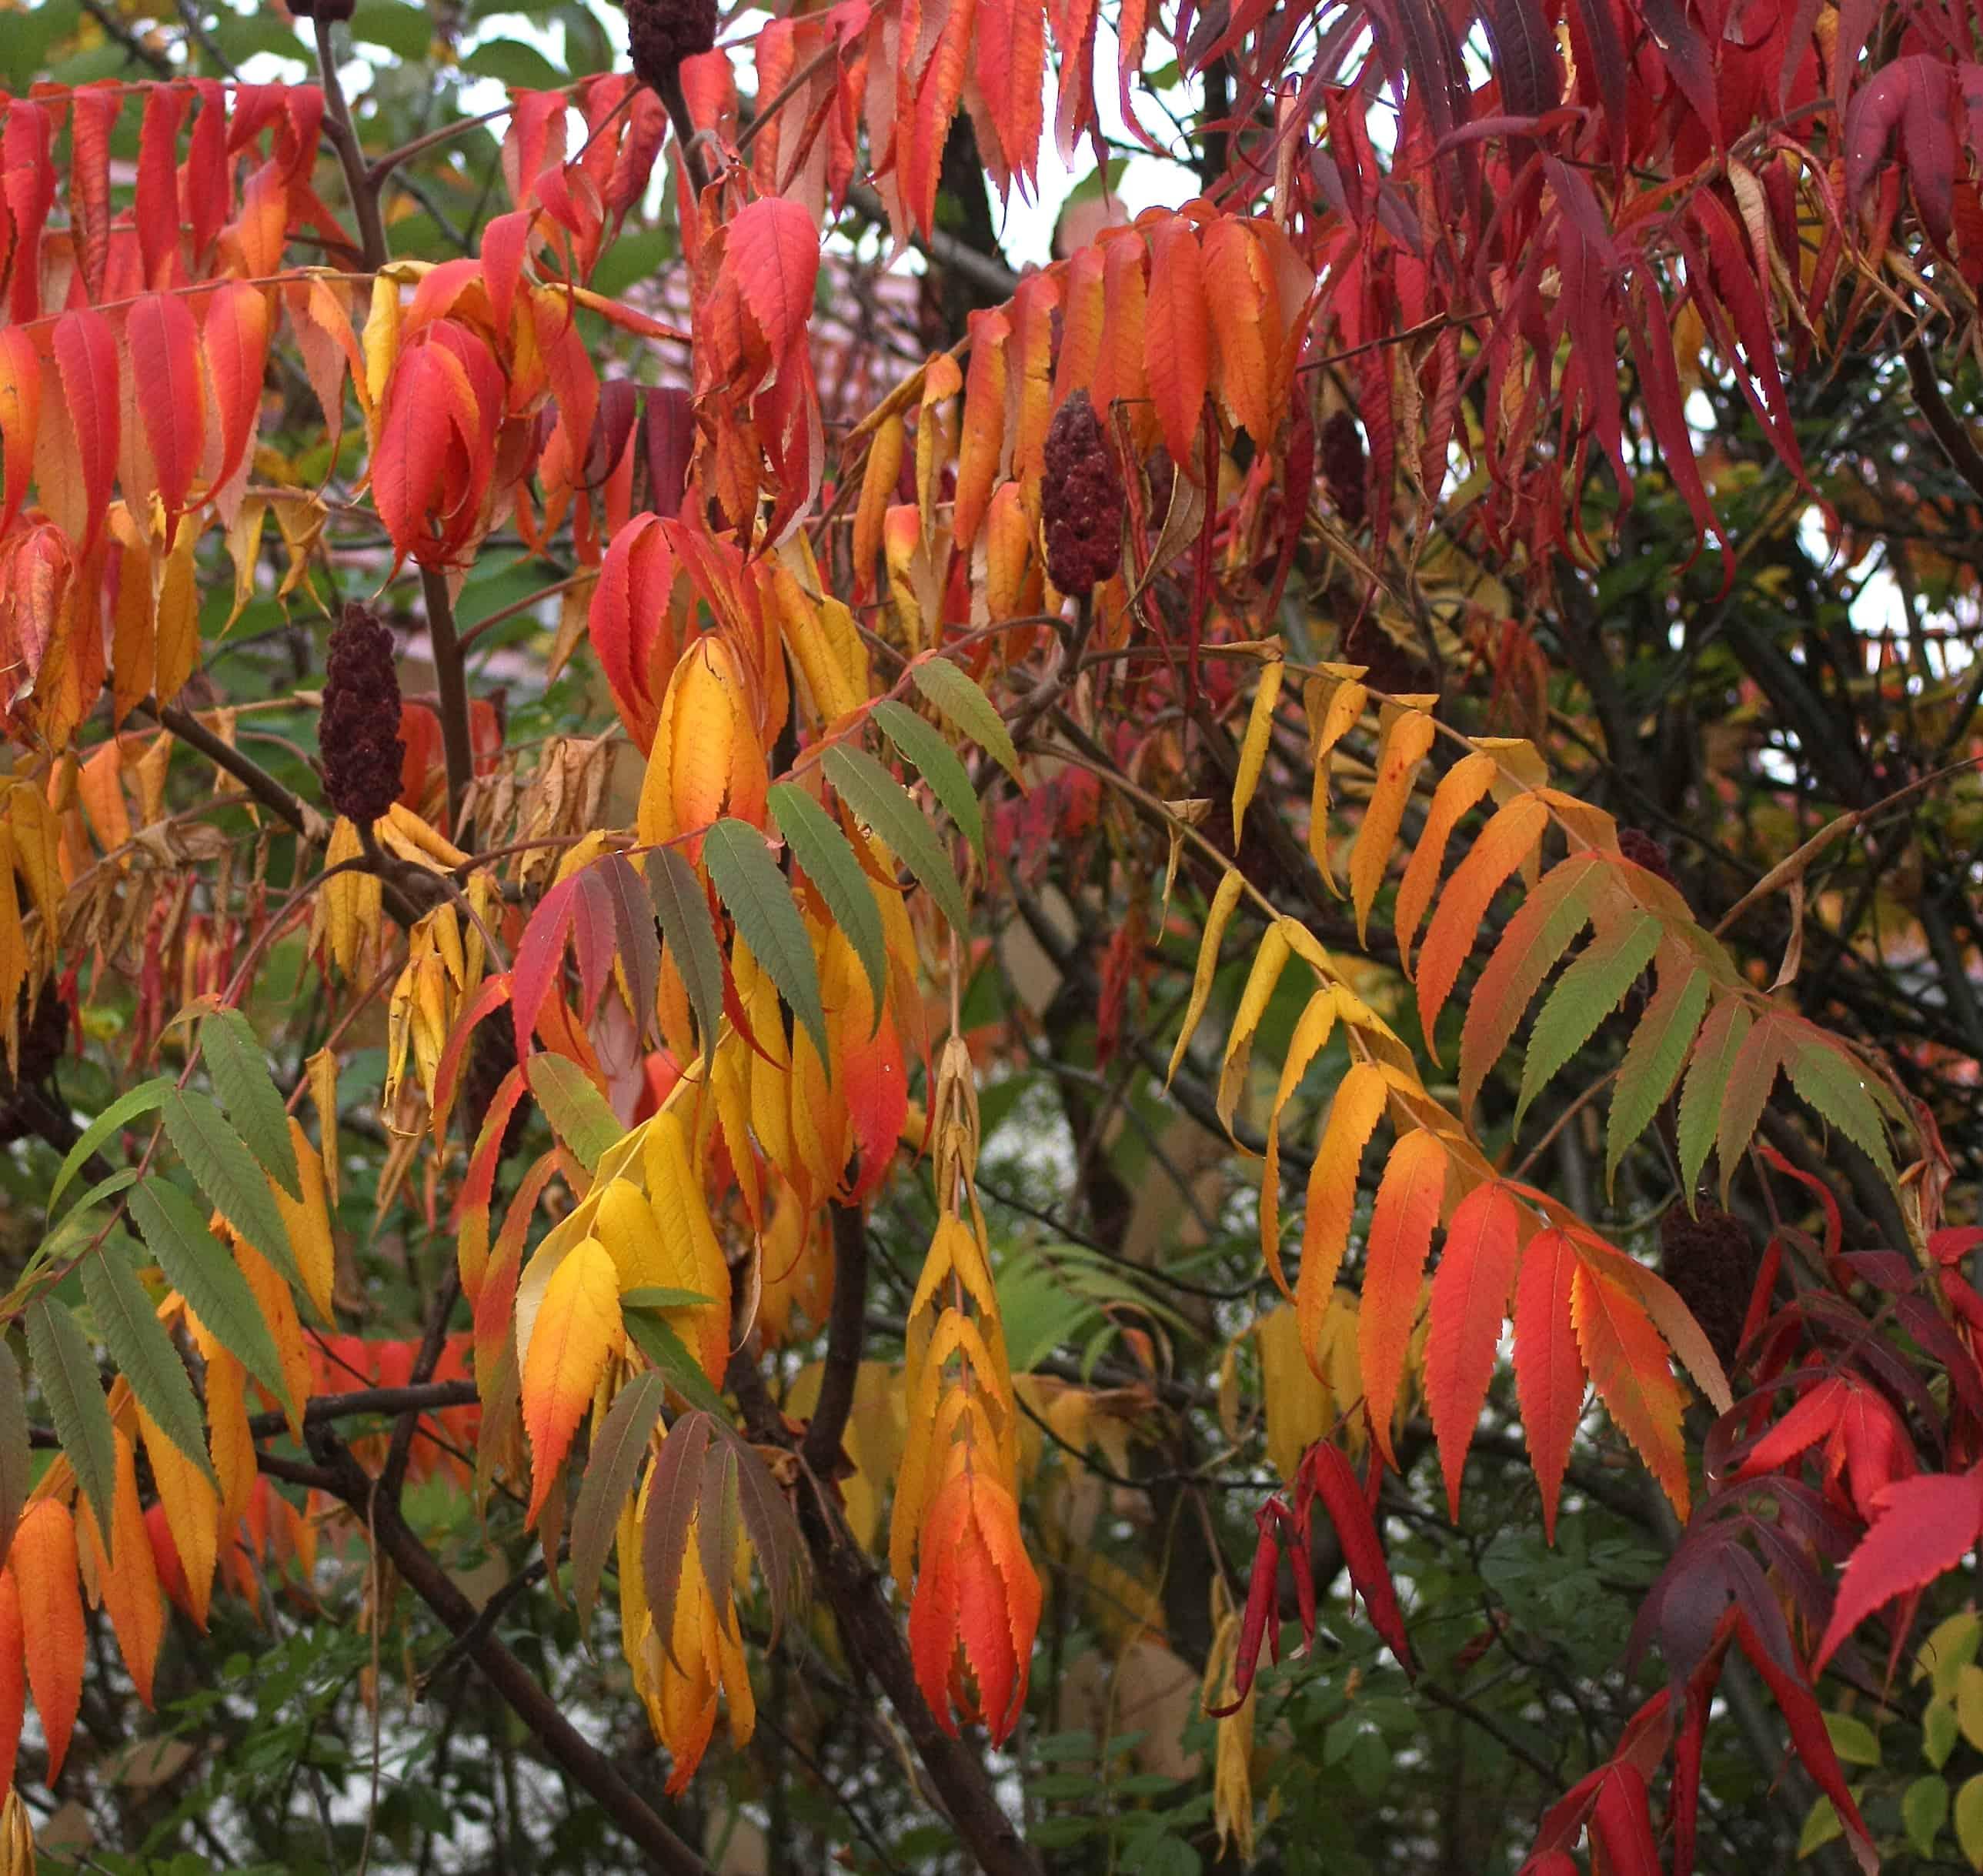 Ein rot gefärbter Essigbaum